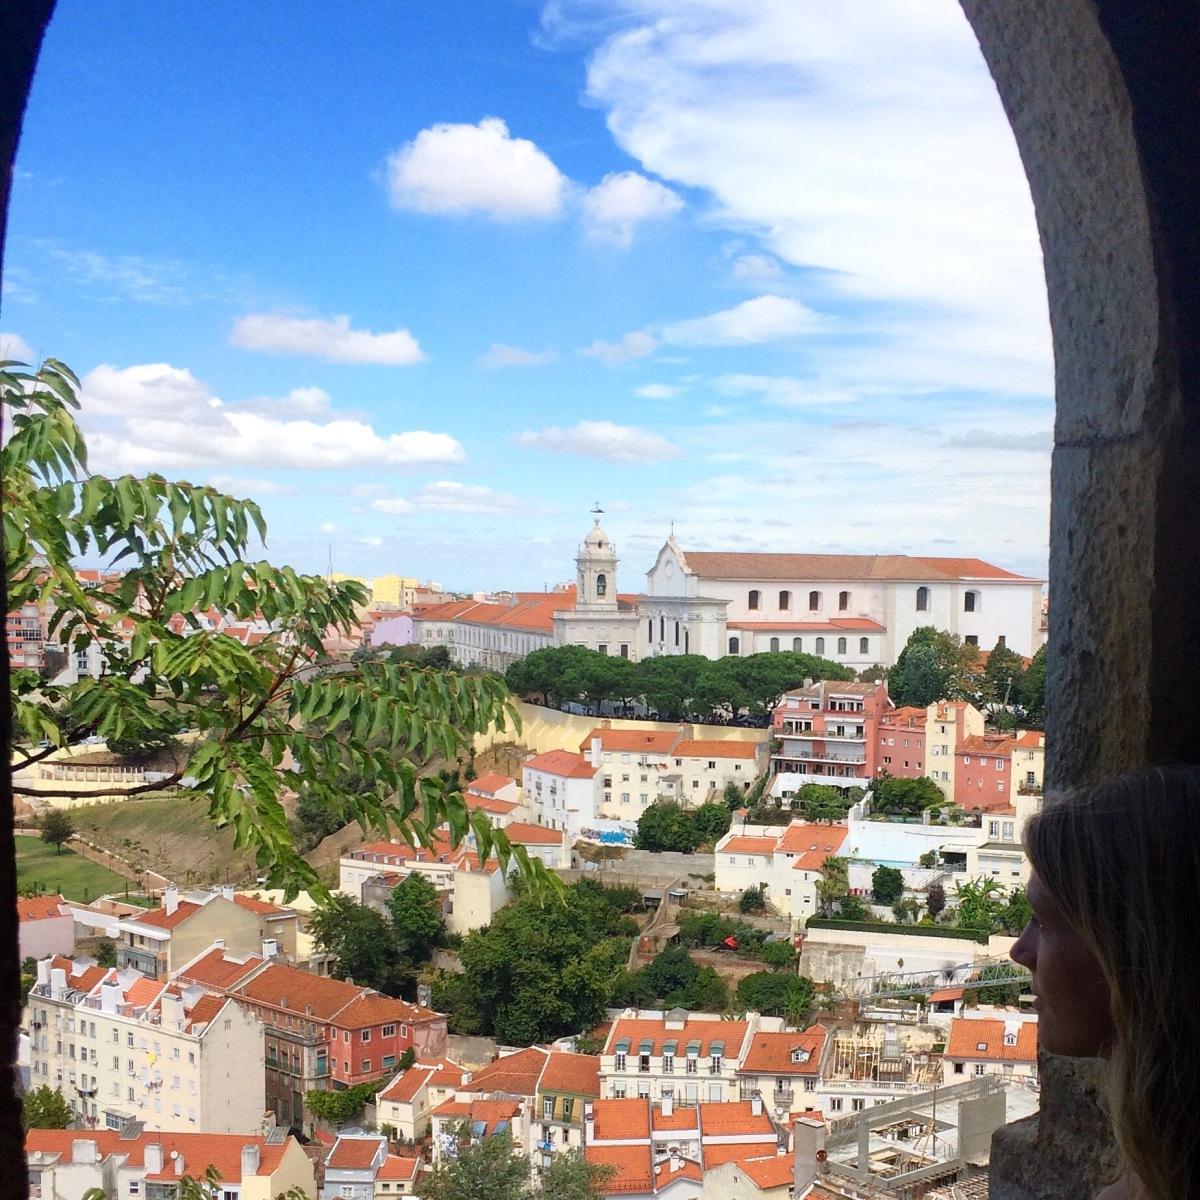 Whoa Lisboa